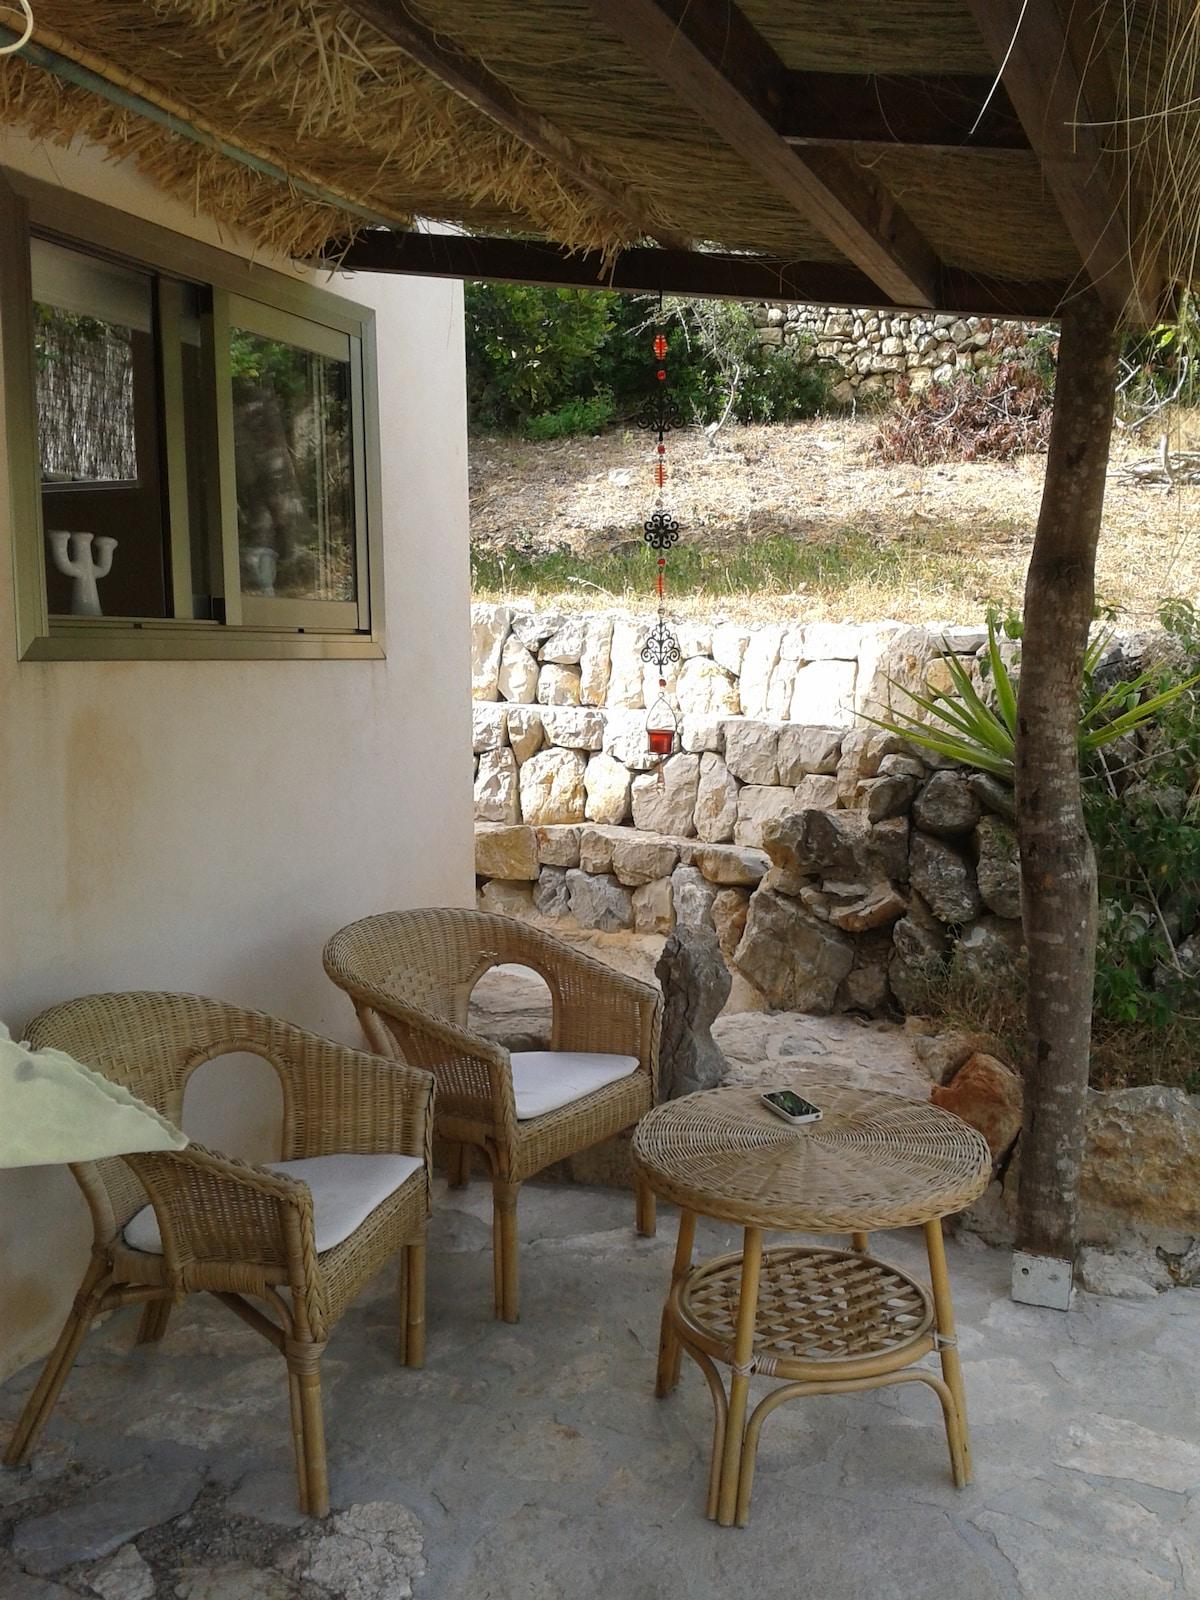 Nuevo porche, instalado el 15 de Junio 2012, para soportar mejor las altas temperaturas del verano.